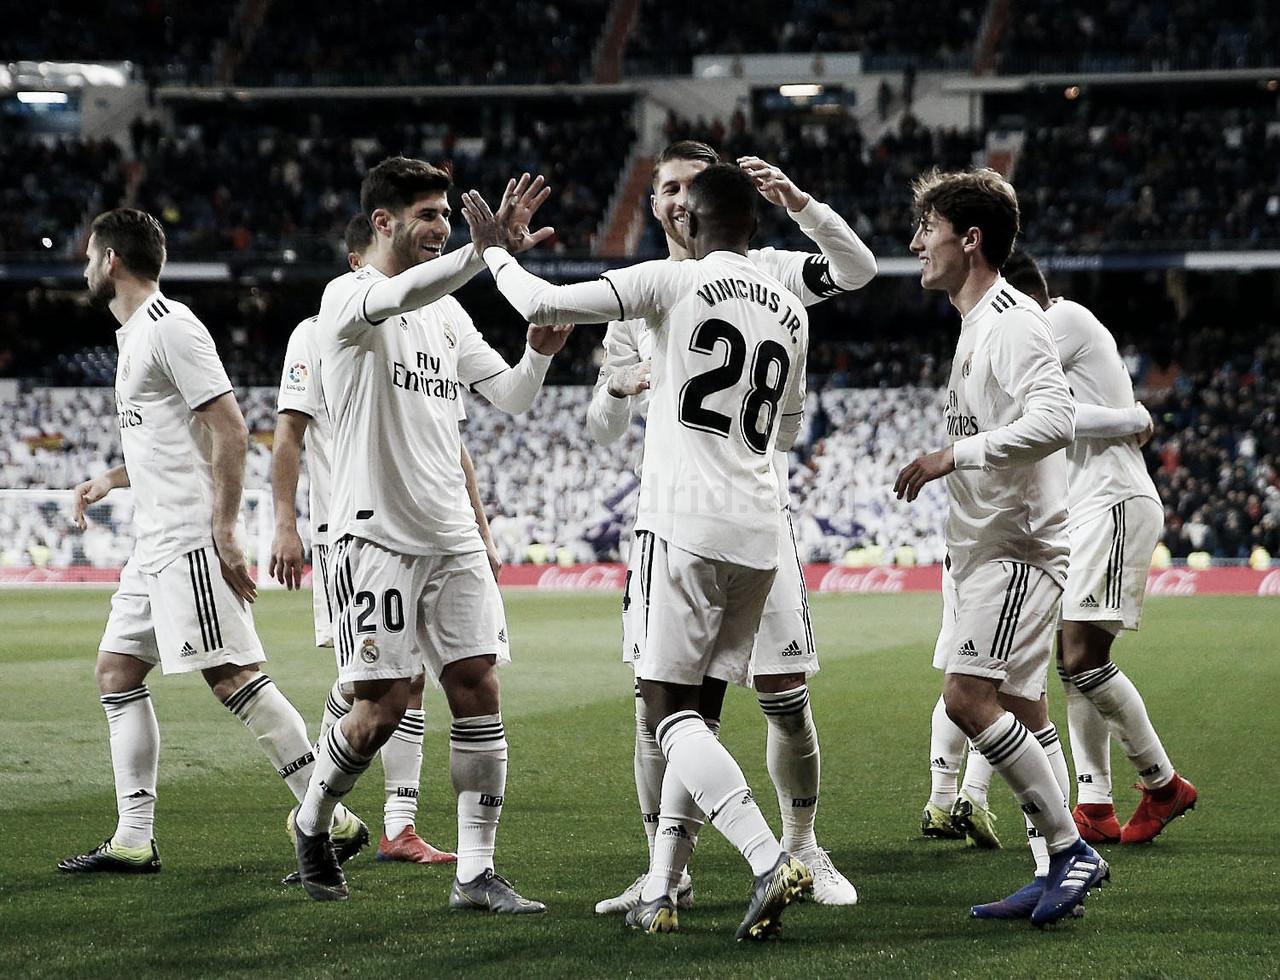 Análisis post partido: Vinicius y Benzema lideran a un esperanzador Madrid